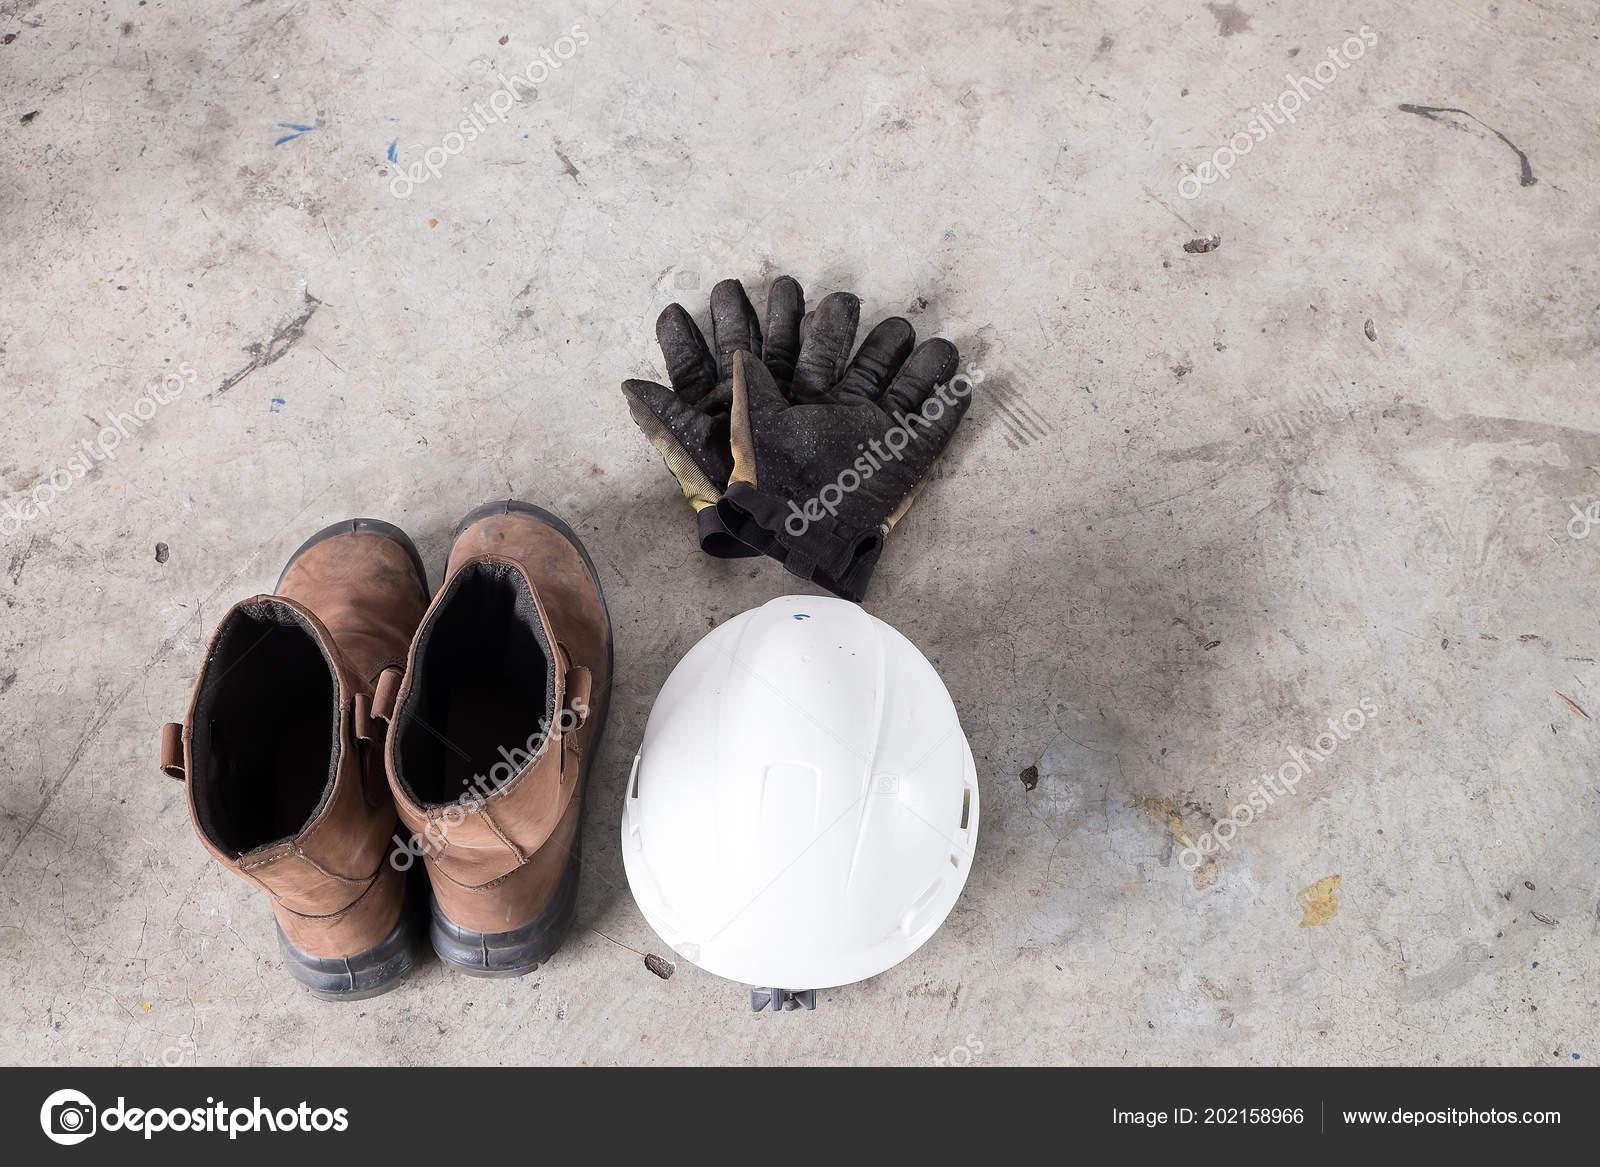 Equipamentos Proteção Individual Epi Inclui Capacete Branco Sapato Segurança  Luvas — Fotografia de Stock 4fea989b9b